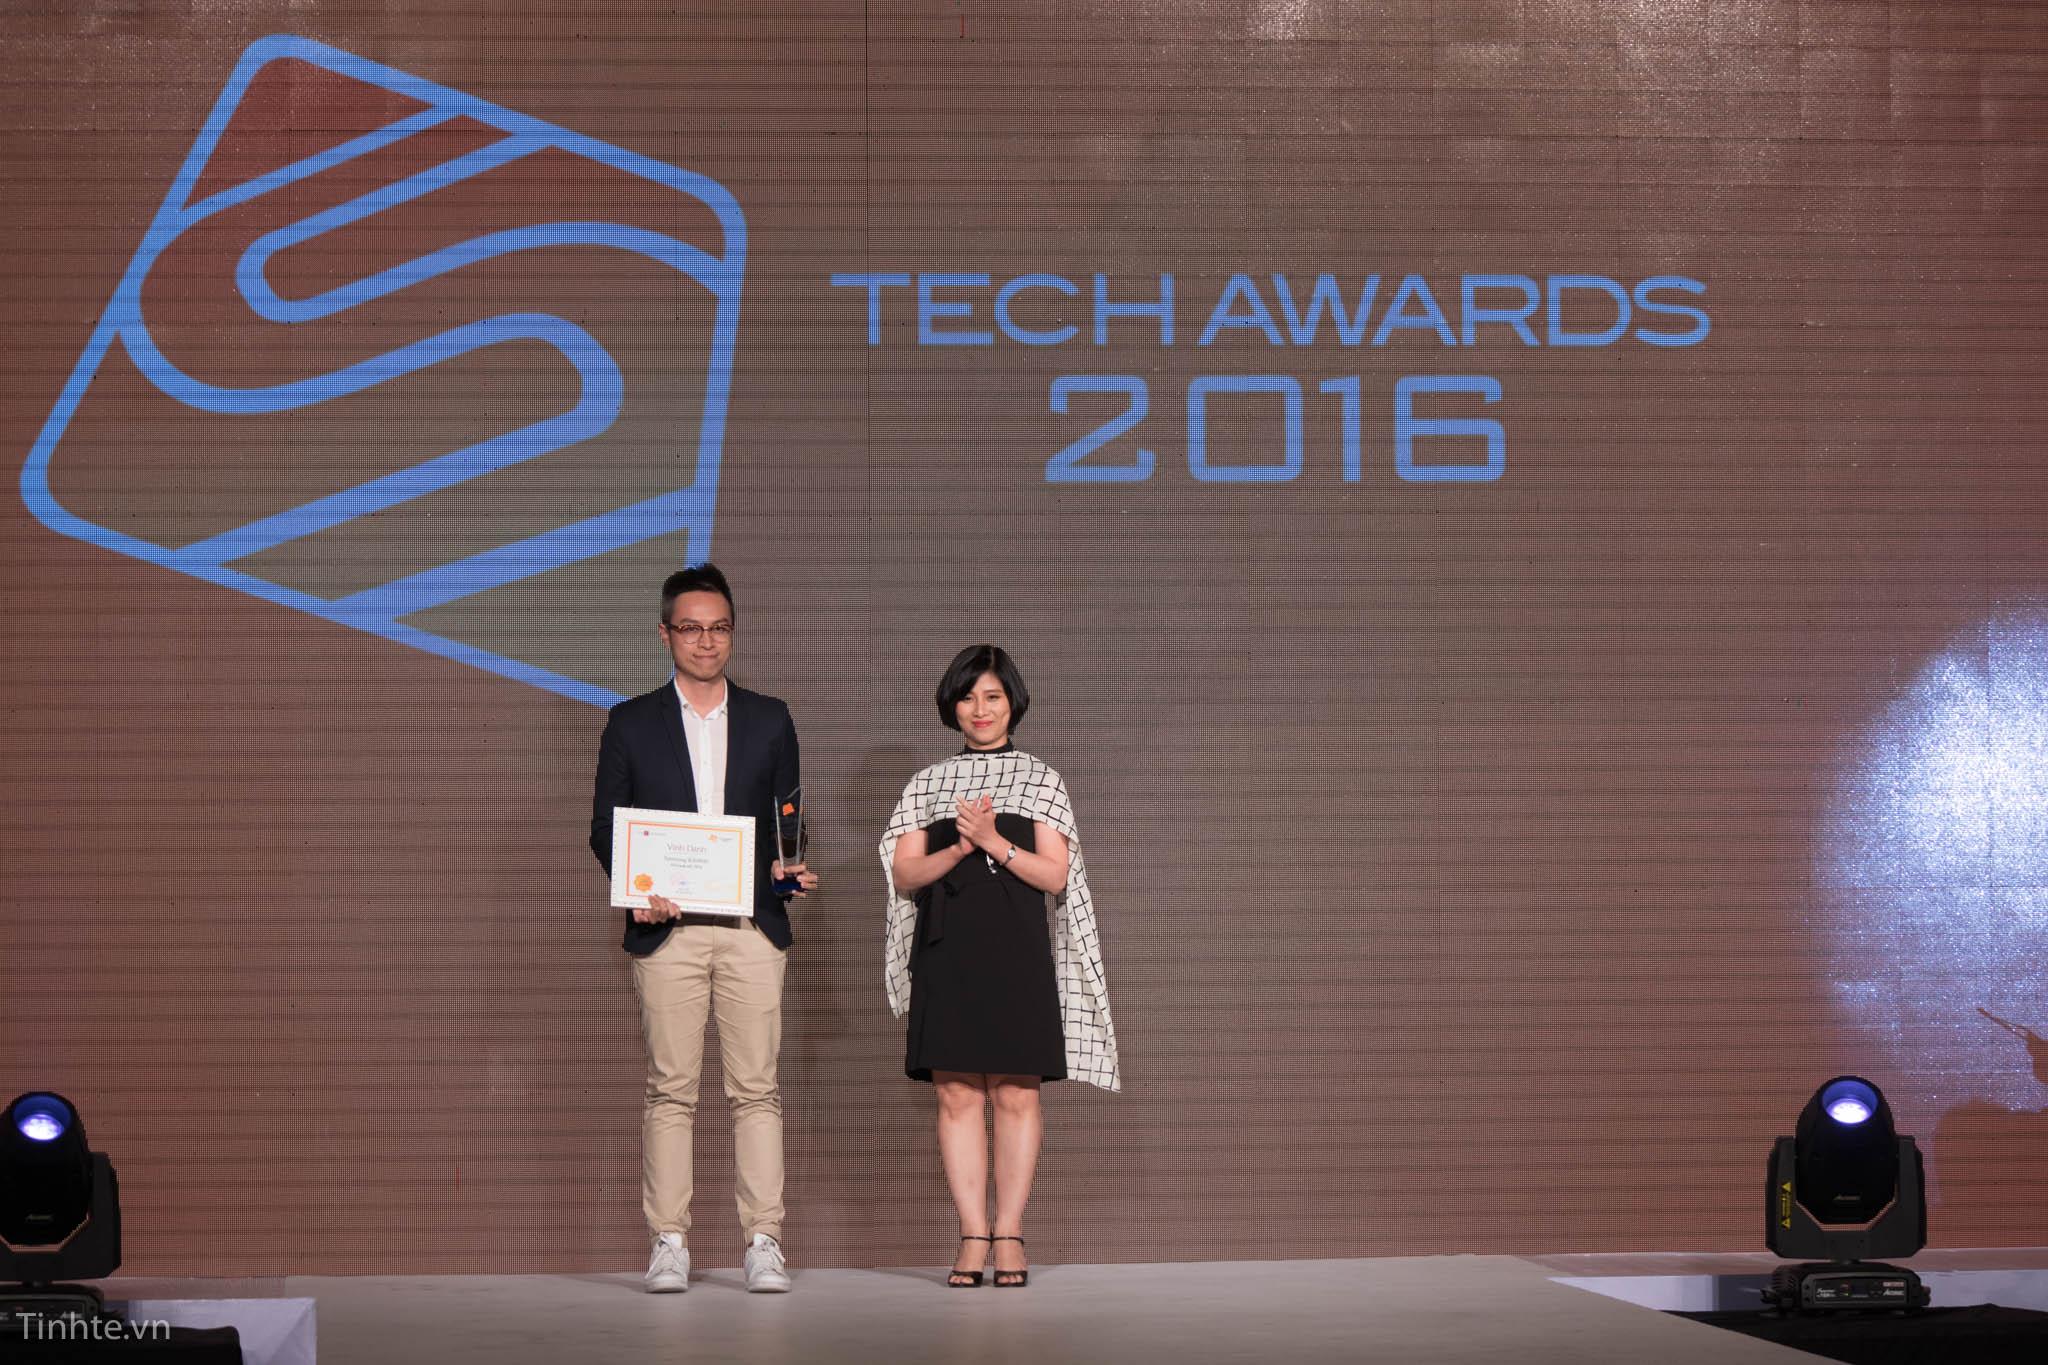 Sohoa-Tech-Award-2016-6.jpg